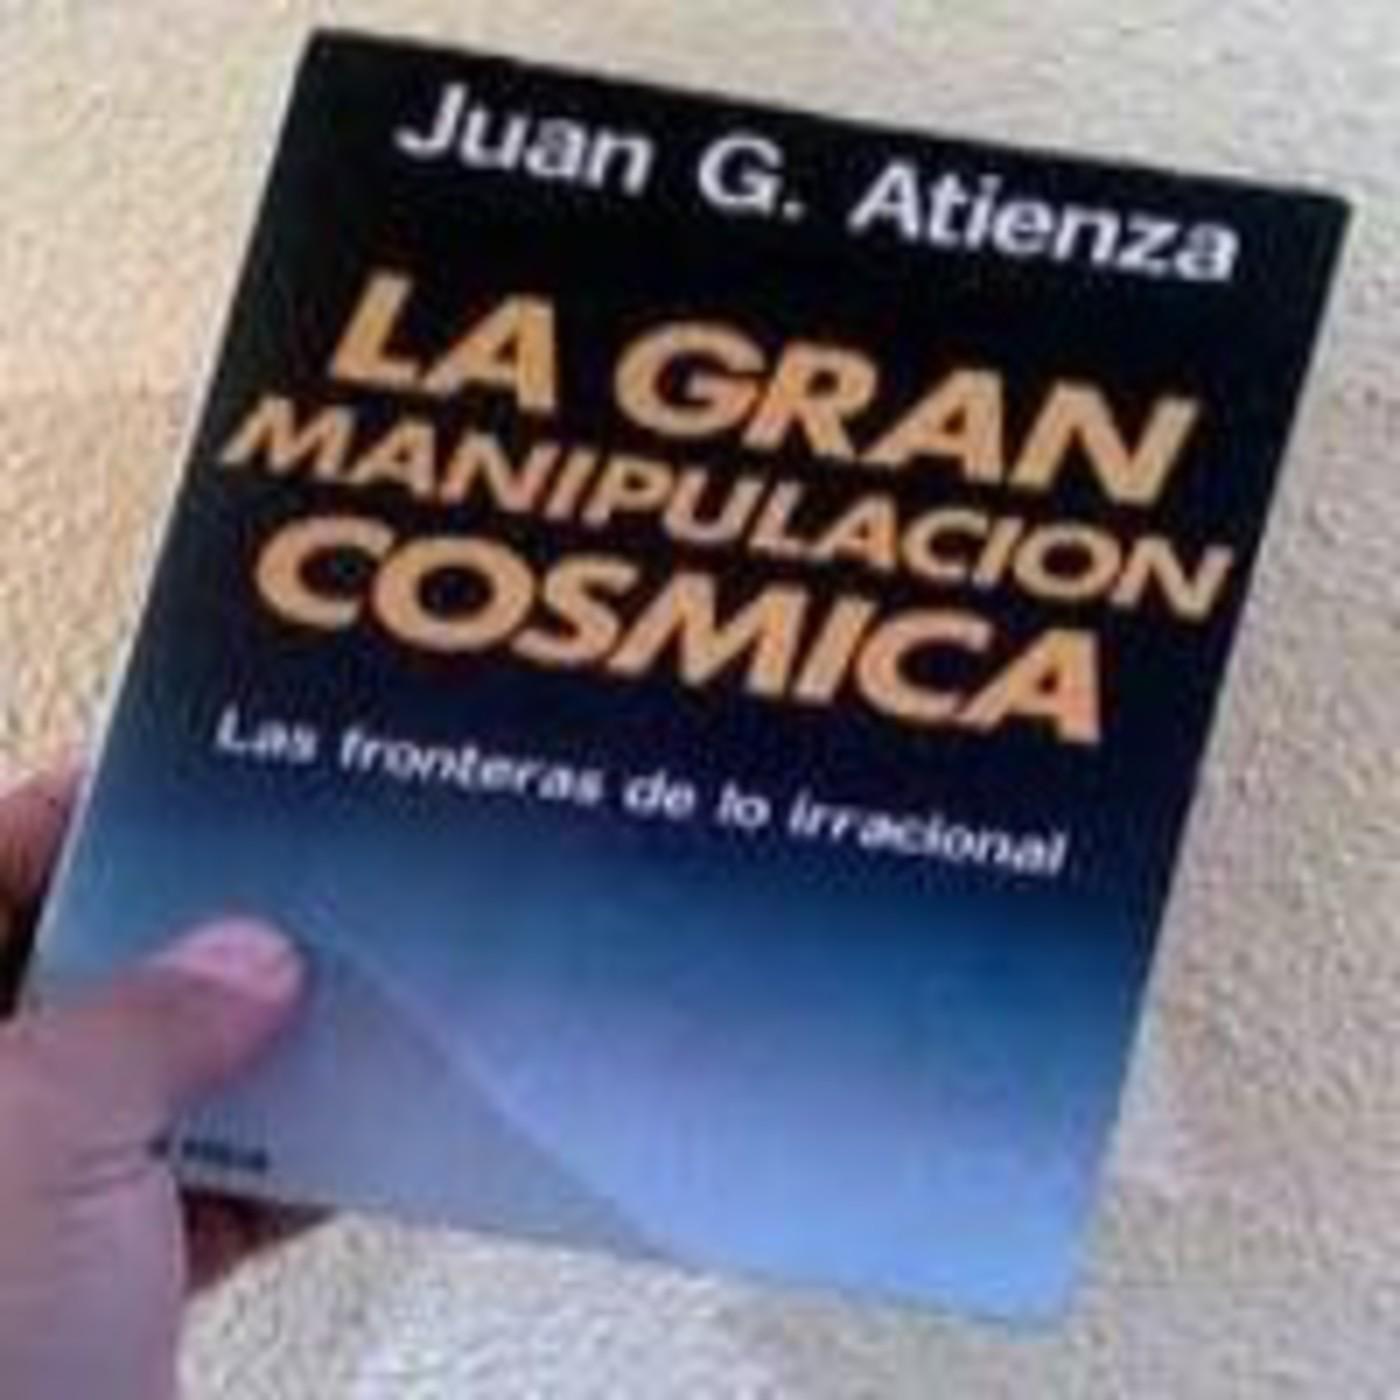 (Matrix) La Gran Manipulación Cósmica 5-6-7 - Juan García Atienza (Mesianismo 16)